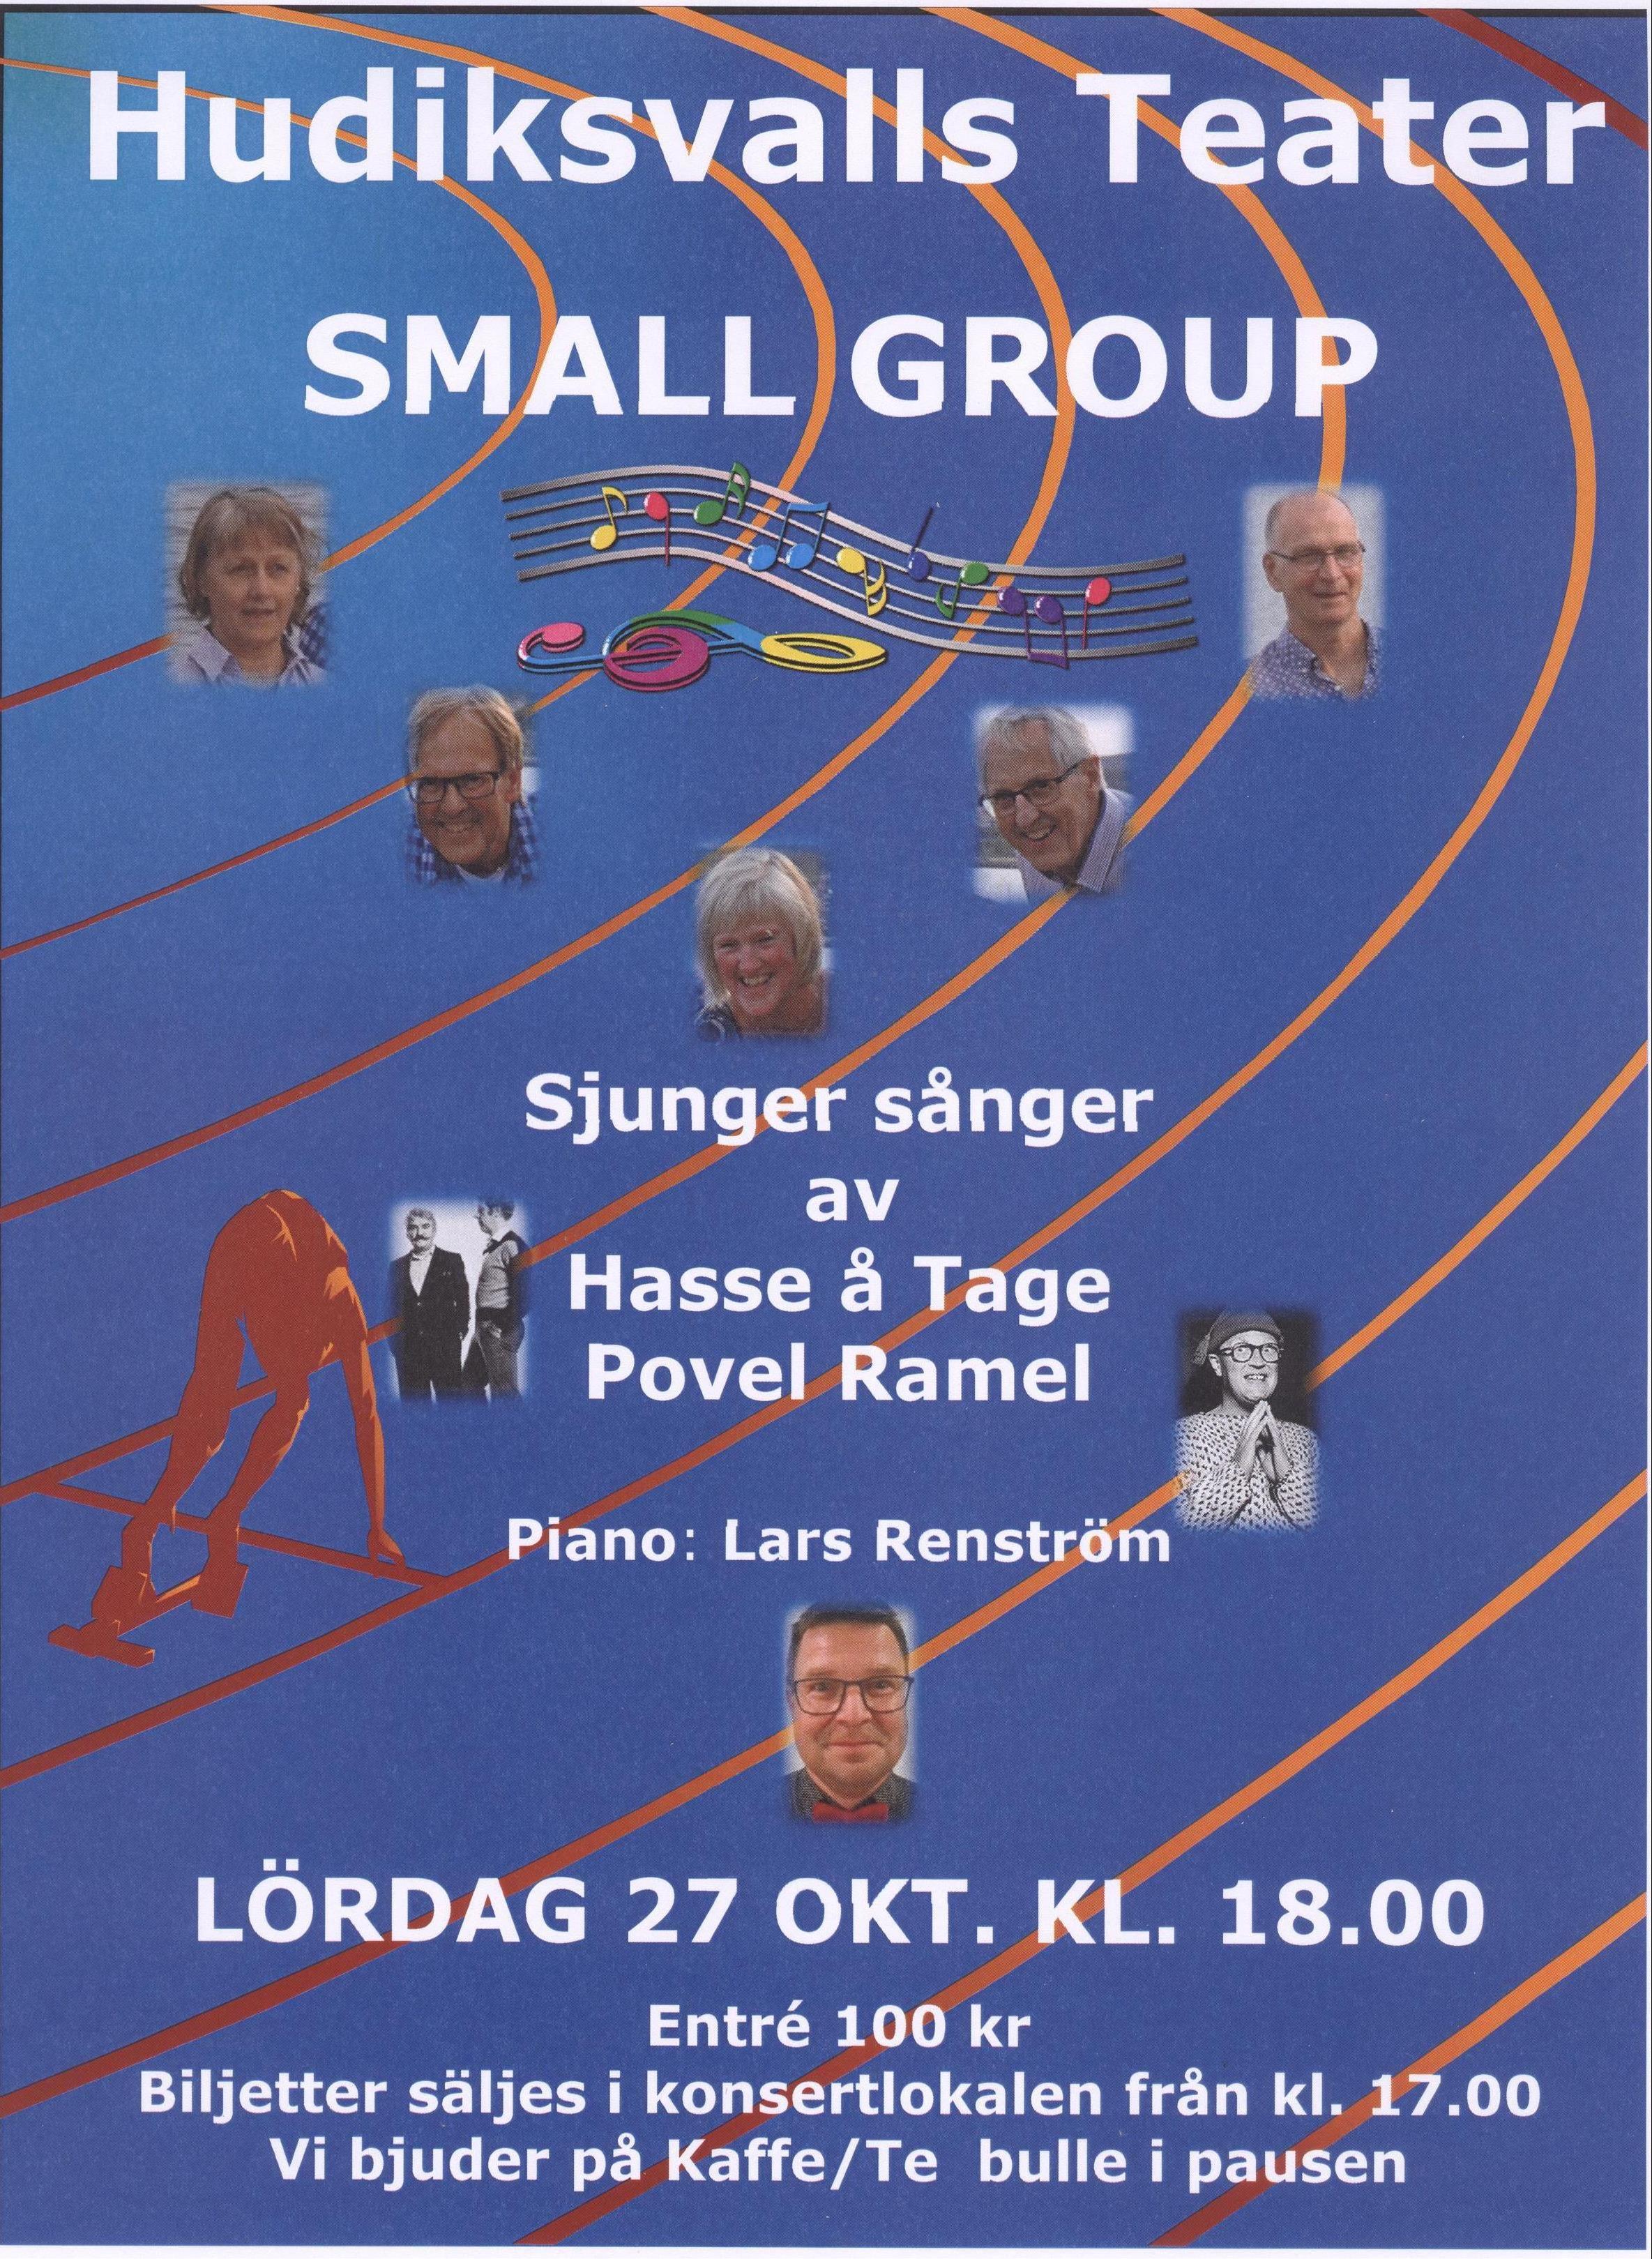 Small Group Sjunger Hasse å Tage och Povel Ramel, Piano Lars Renström